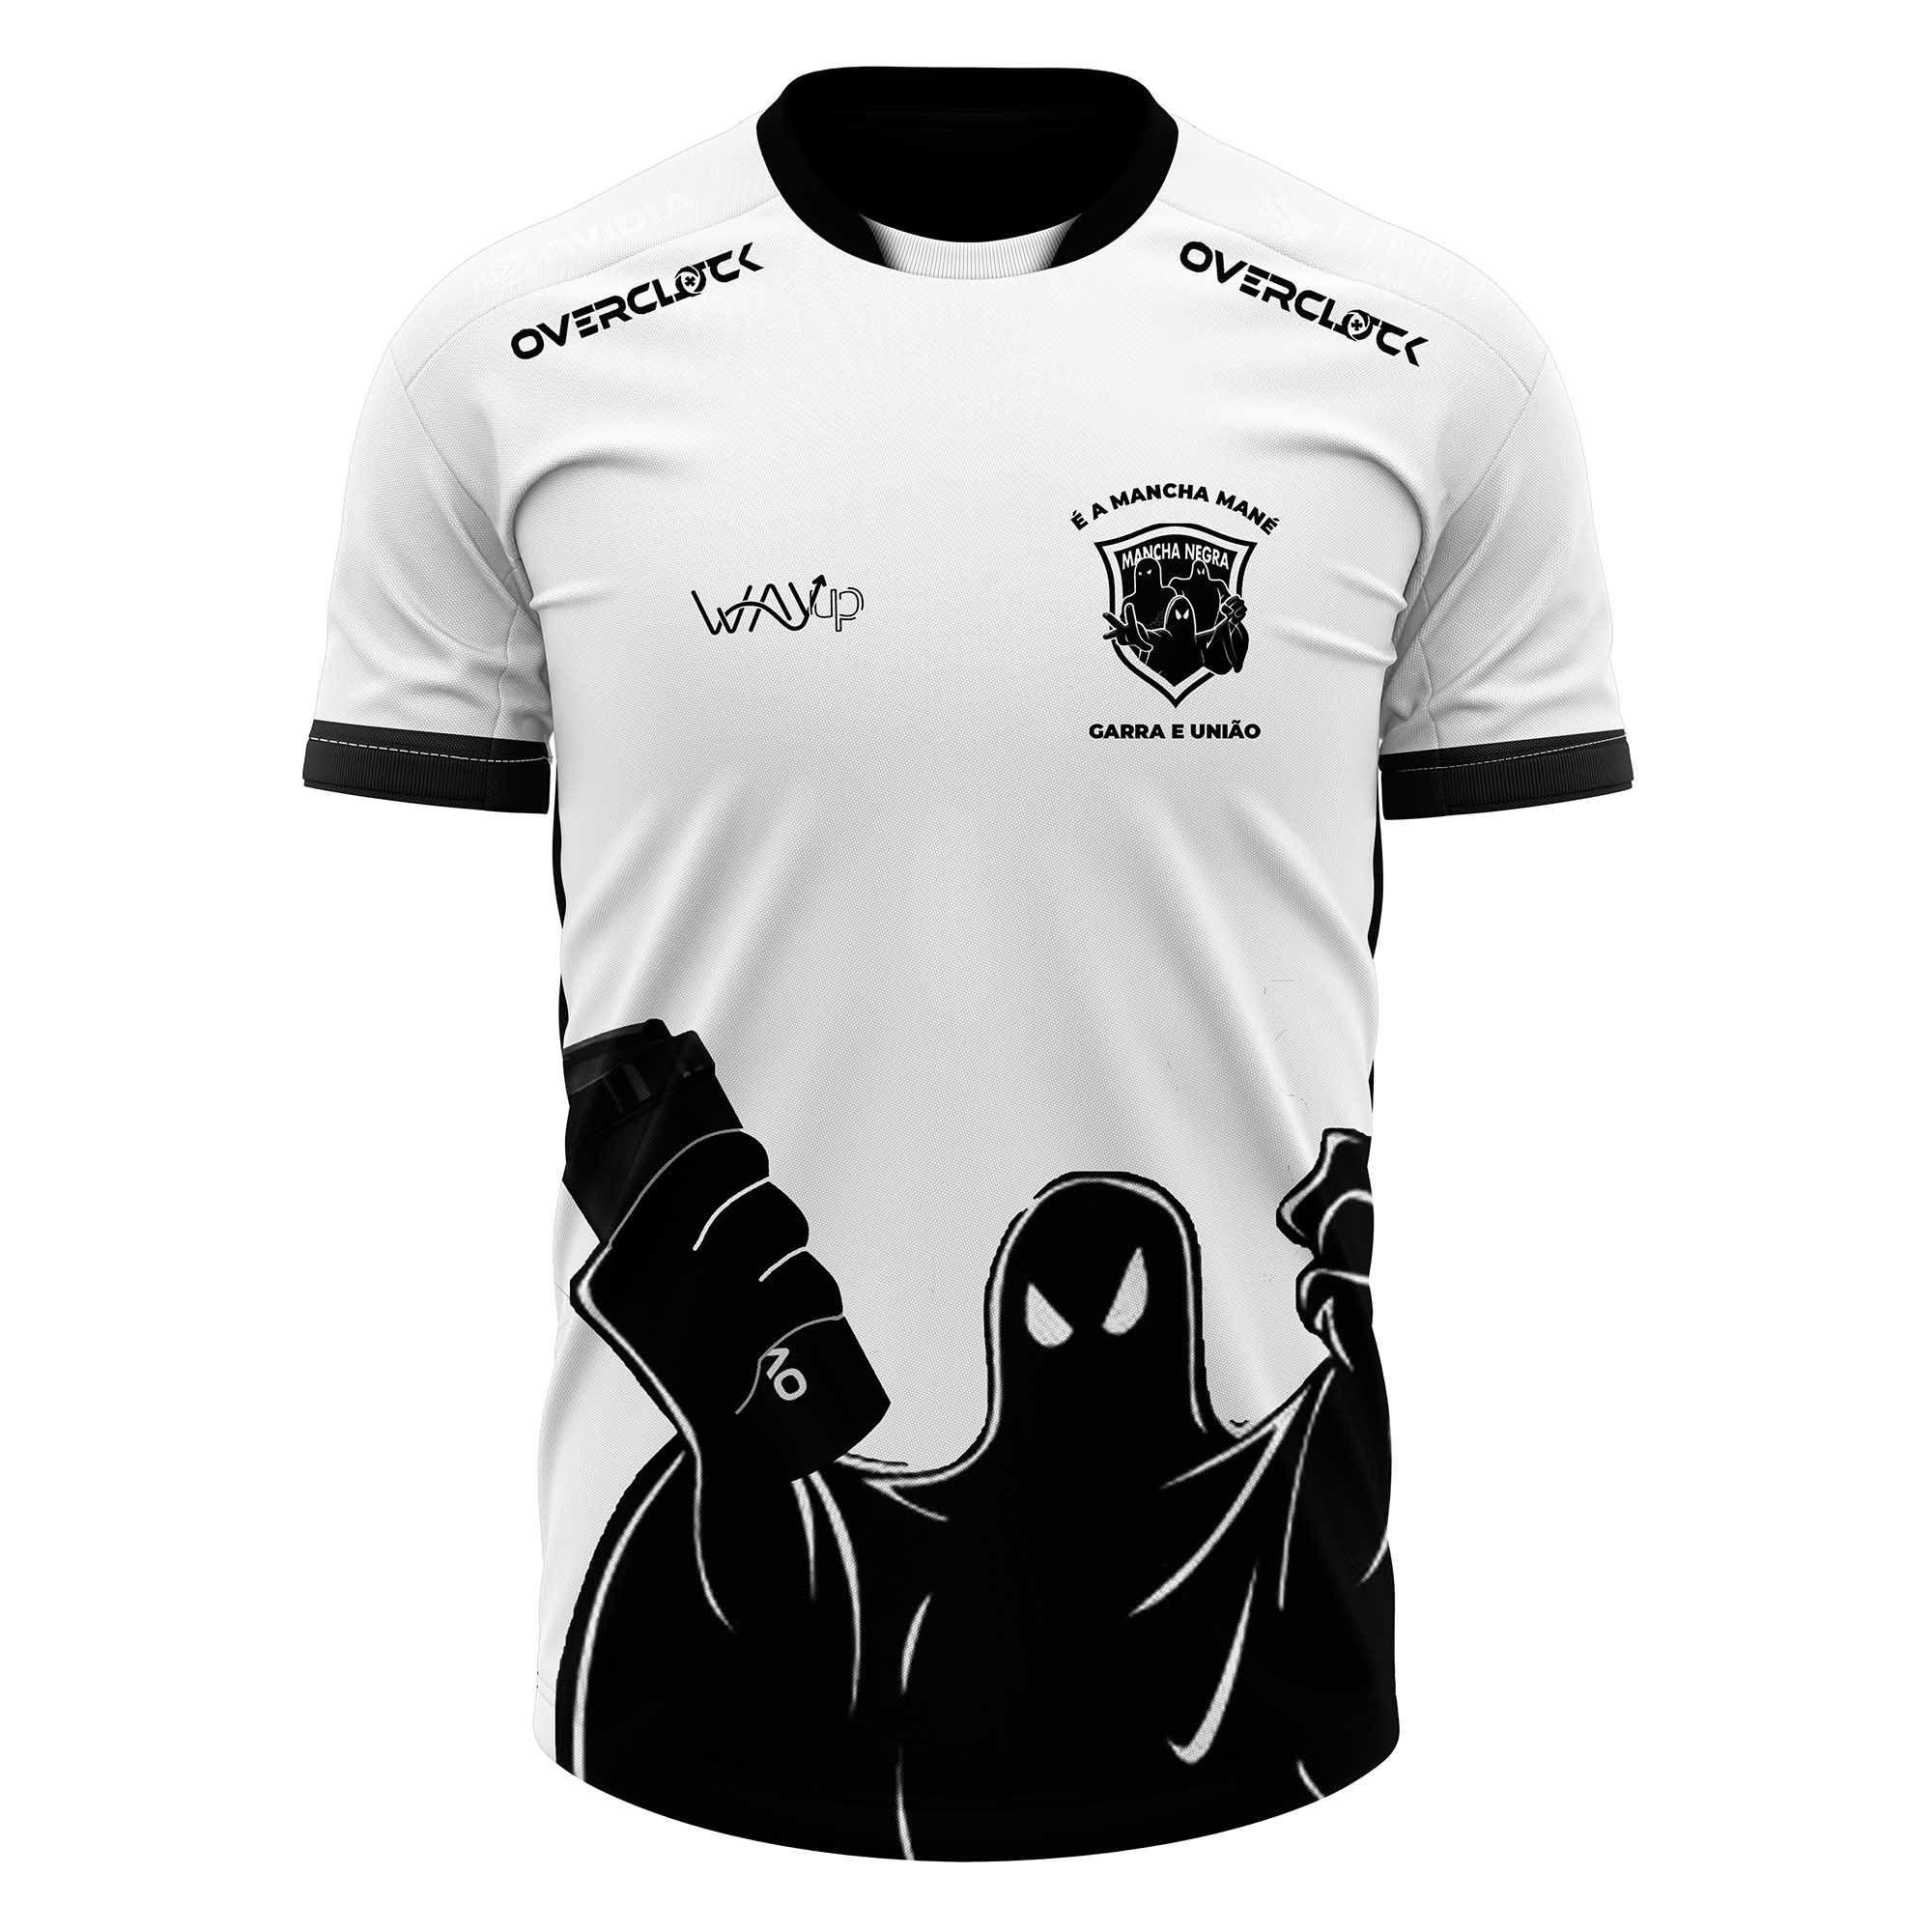 Camiseta Jersey Torcida Mancha Negra Oficial 2021